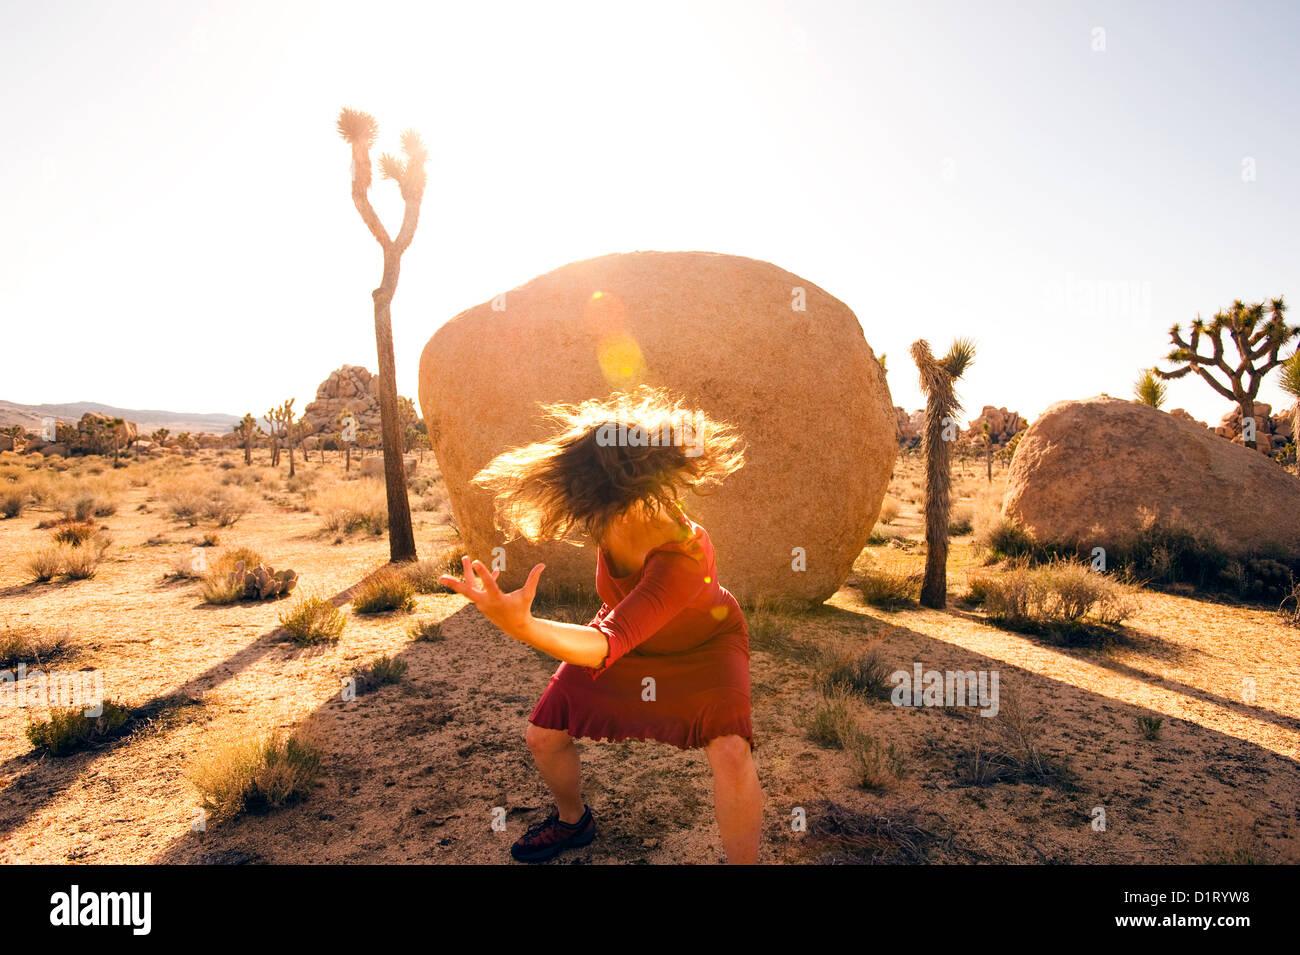 Femme sauvage intense de danser dans le désert. Photo Stock